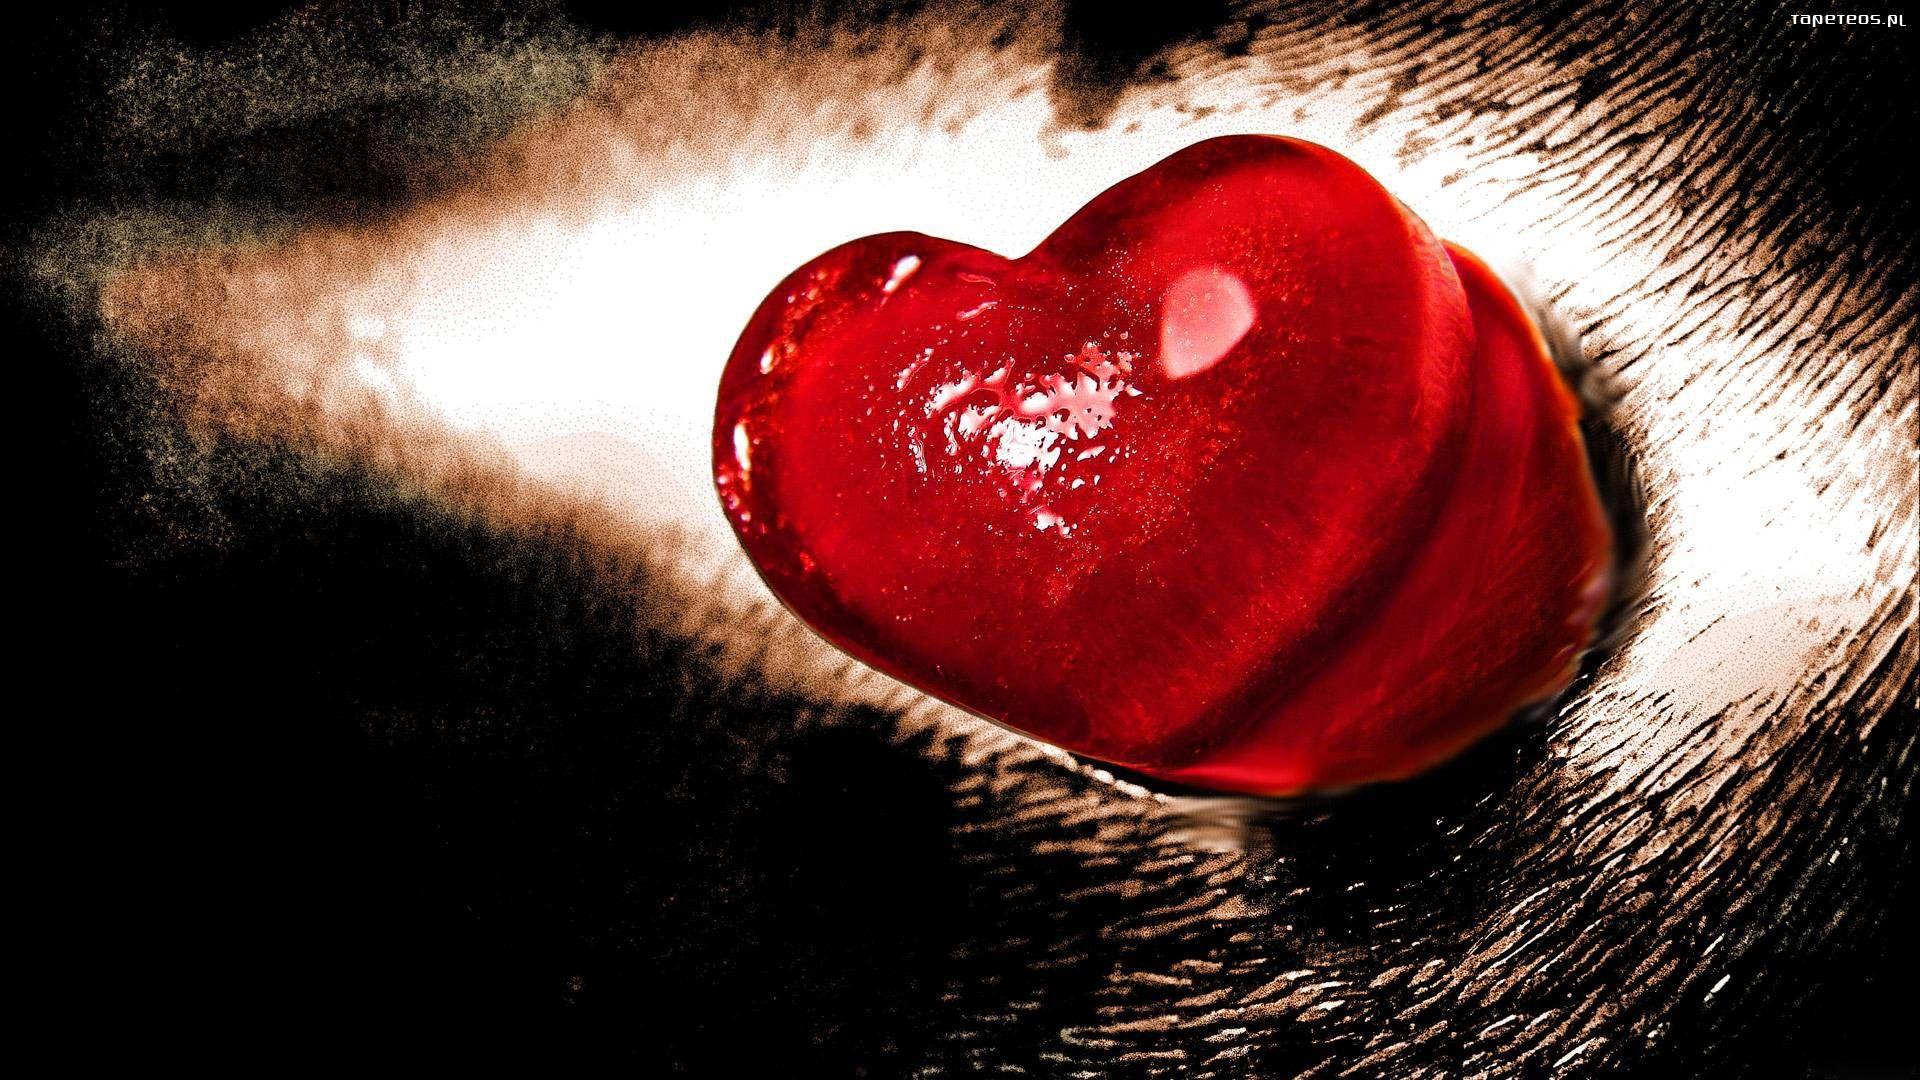 Два ледяных сердца  № 3490342 загрузить